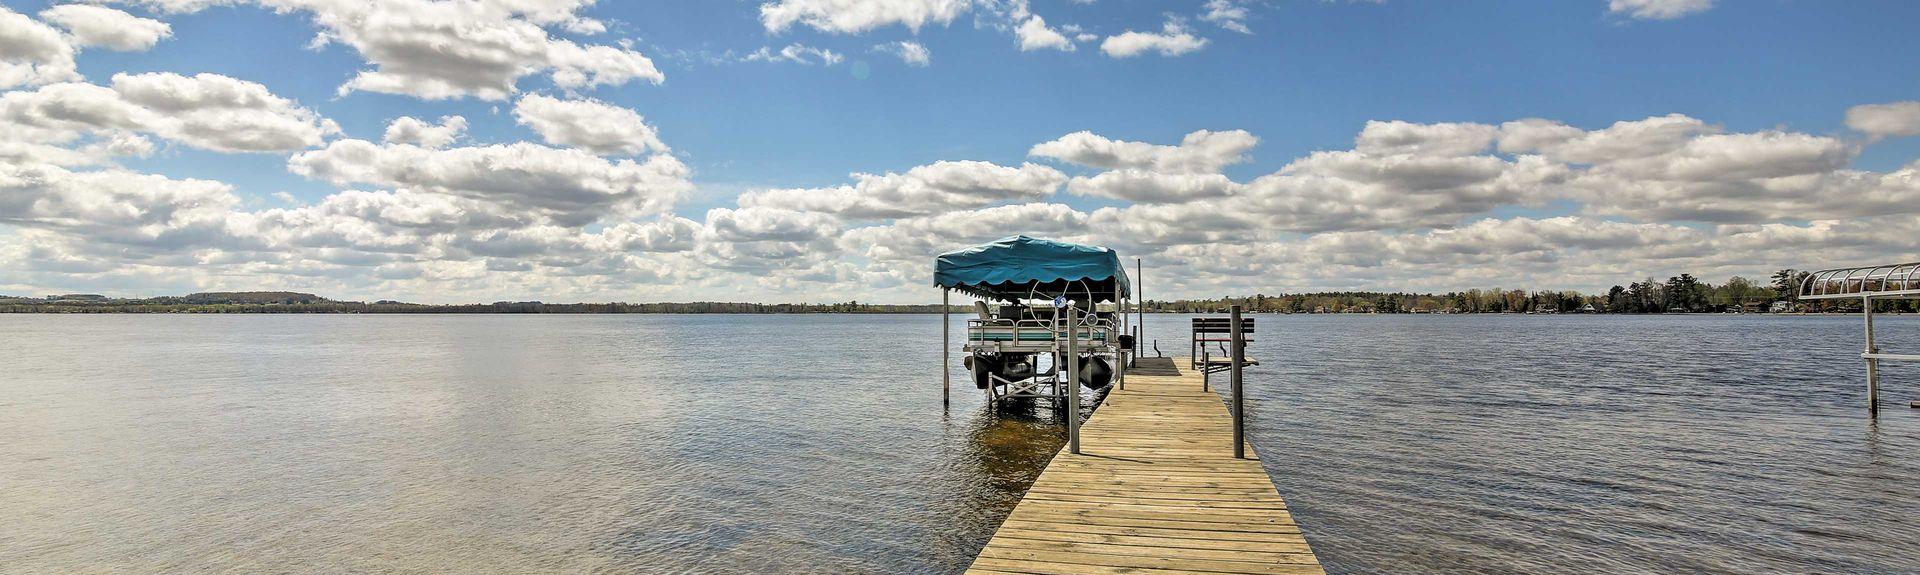 Jezioro Shawano, Shawano, Wisconsin, Stany Zjednoczone